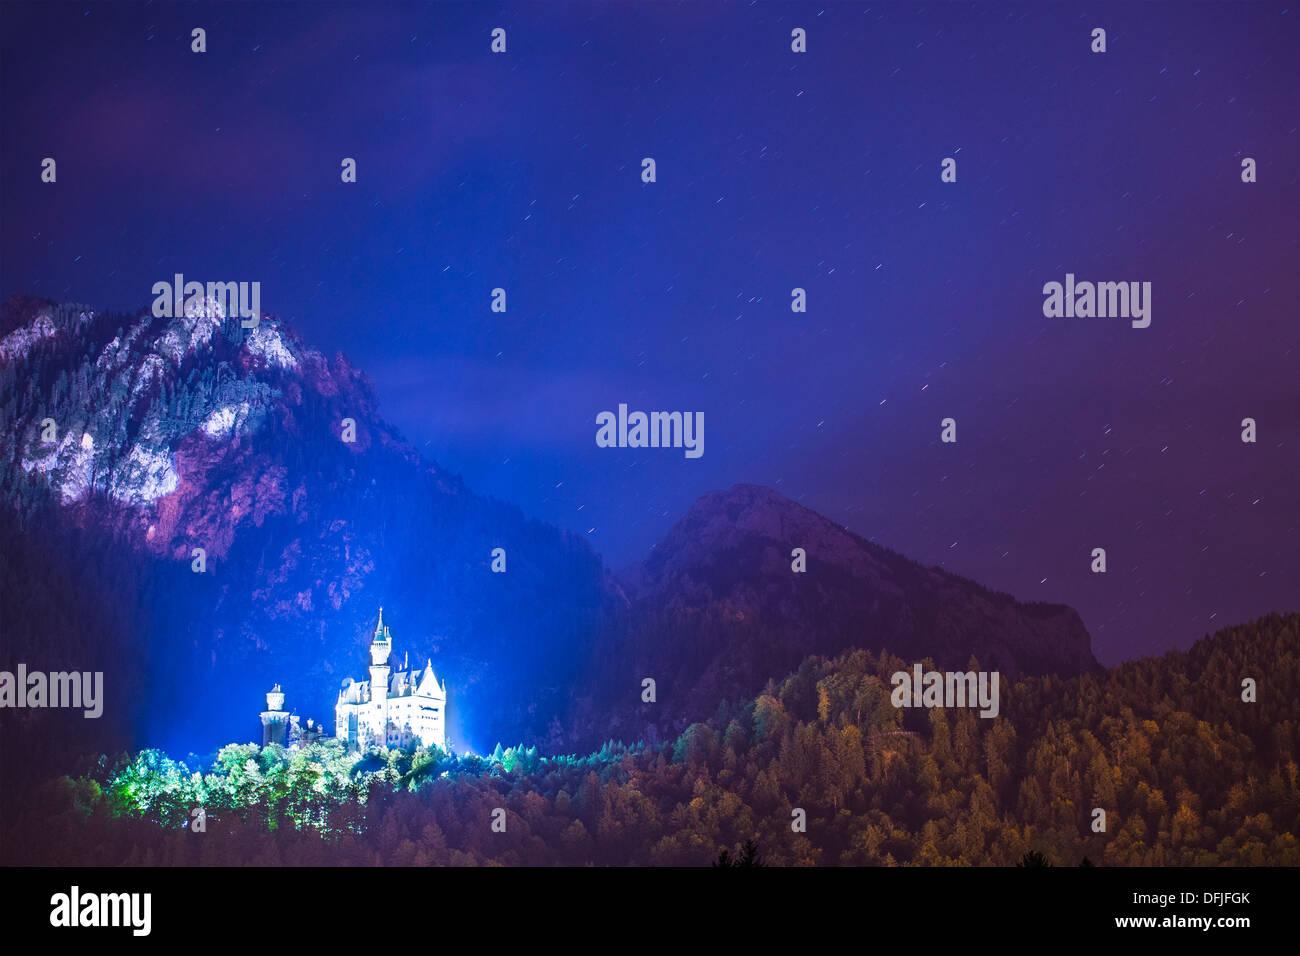 Le château de Neuschwanstein la nuit à Fussen, Allemagne. Photo Stock